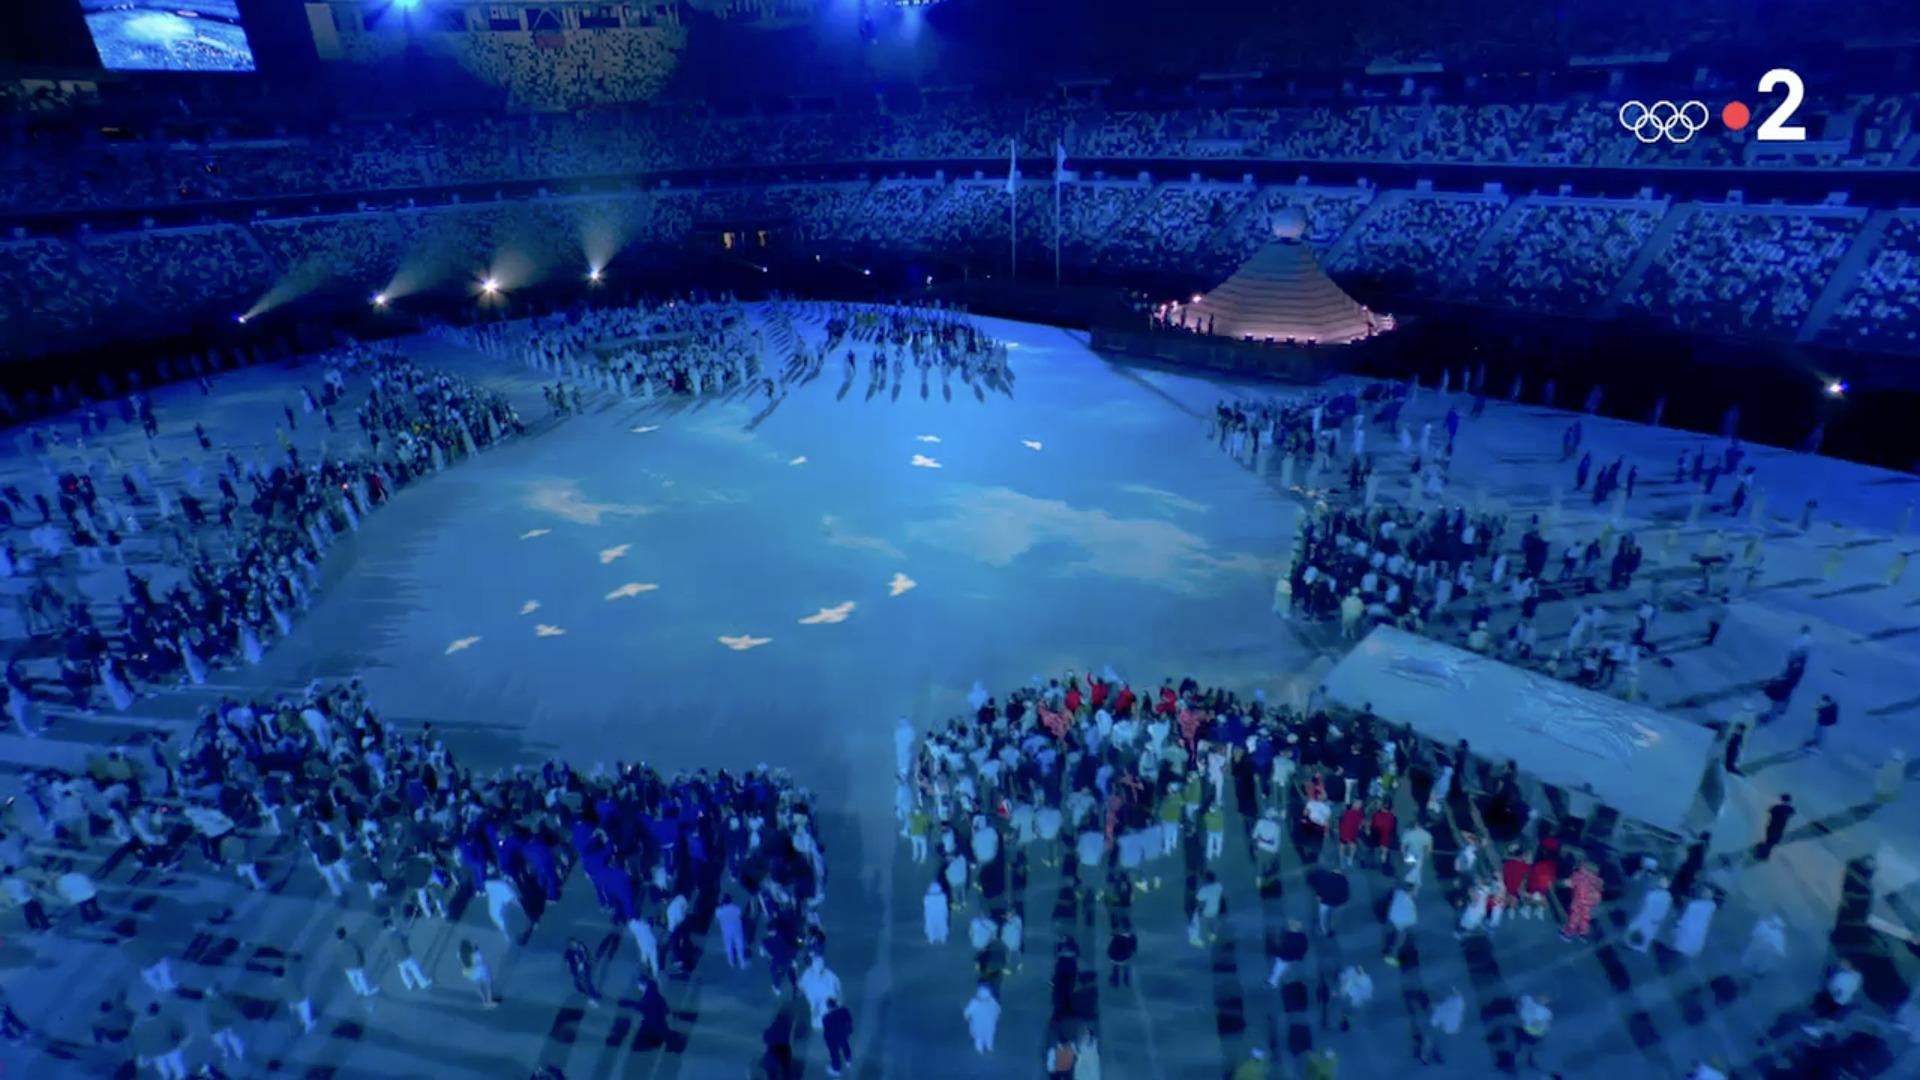 Colombes de la paix, Ouverture des Jeux olympiques de Tokyo, 23 juillet 2021, capture Zenit / France 2